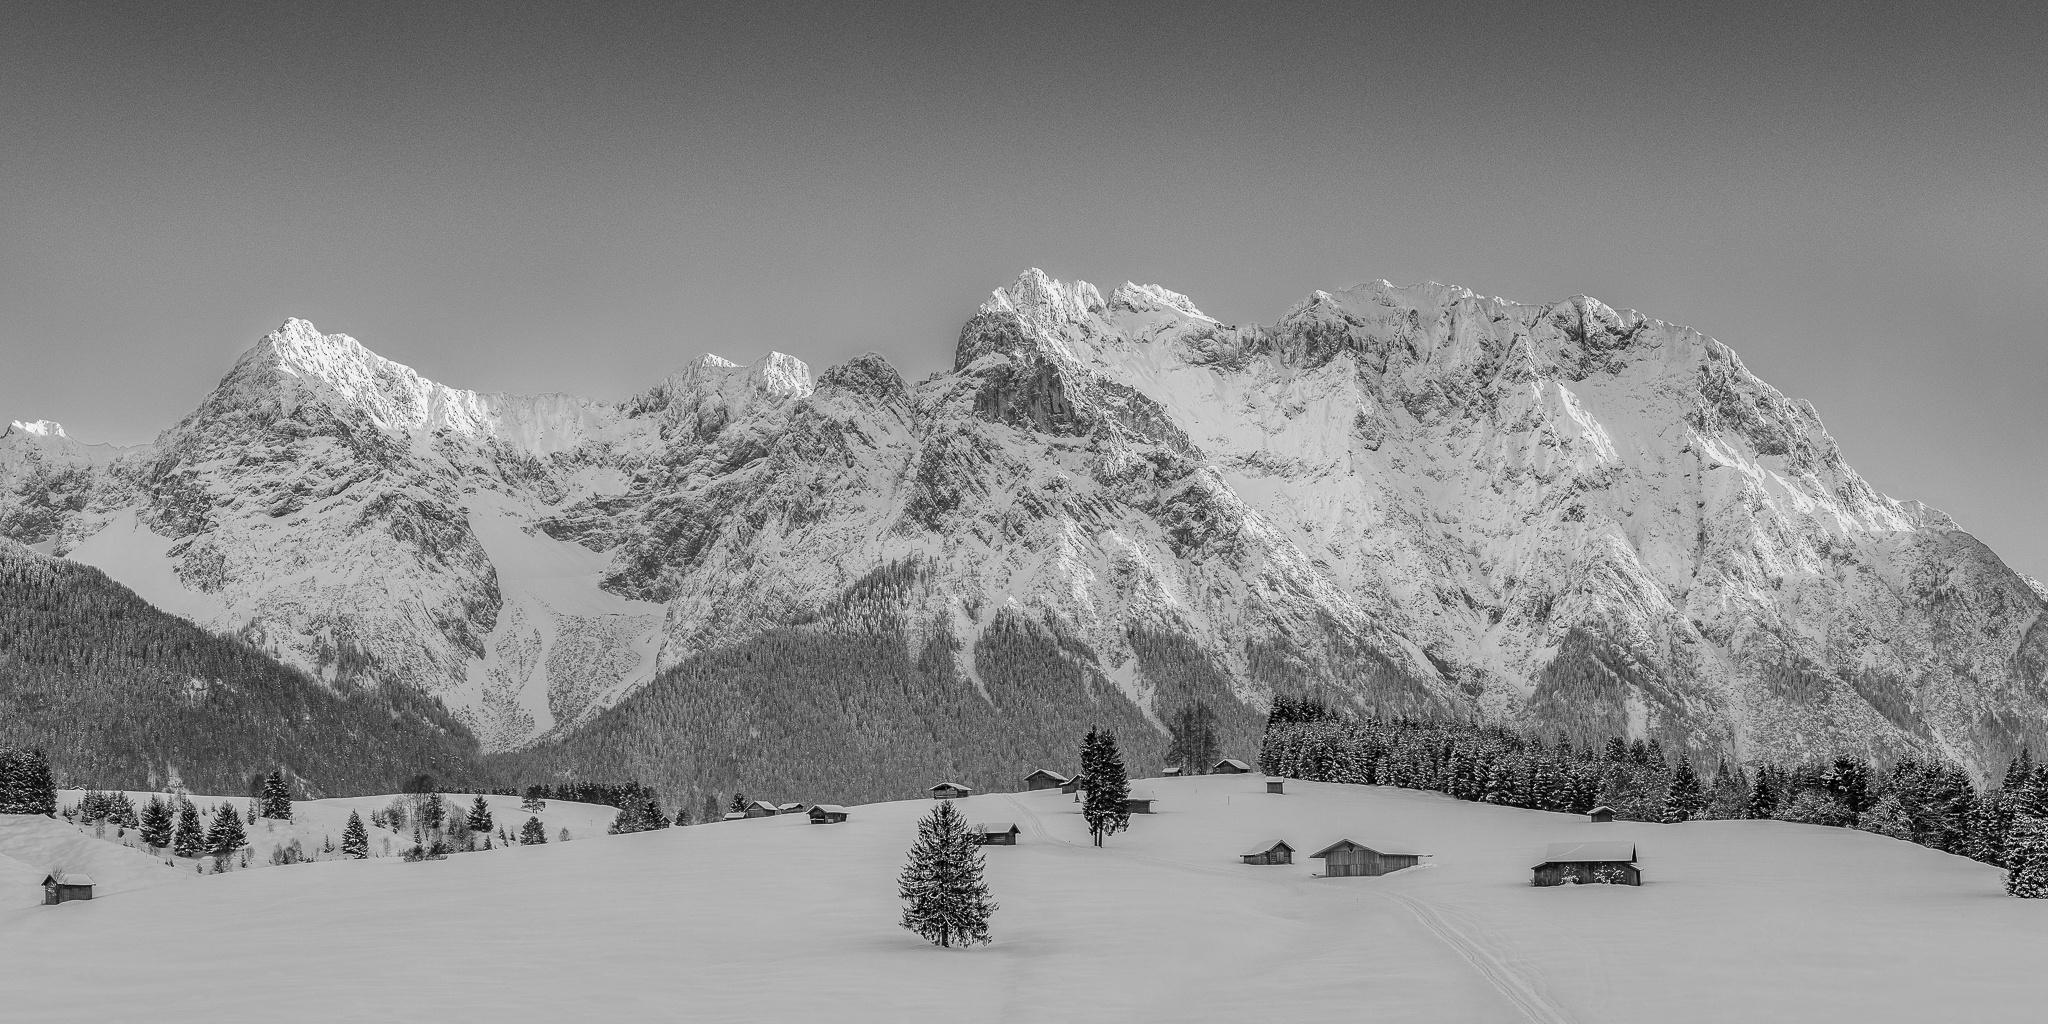 Bei einer Wanderung auf den Buckelwiesen von Klais Richtung Krün hat man immer wieder die Westliche Karwendelspitze im Blick. Winter - Berglandschaft schwarz weiß.